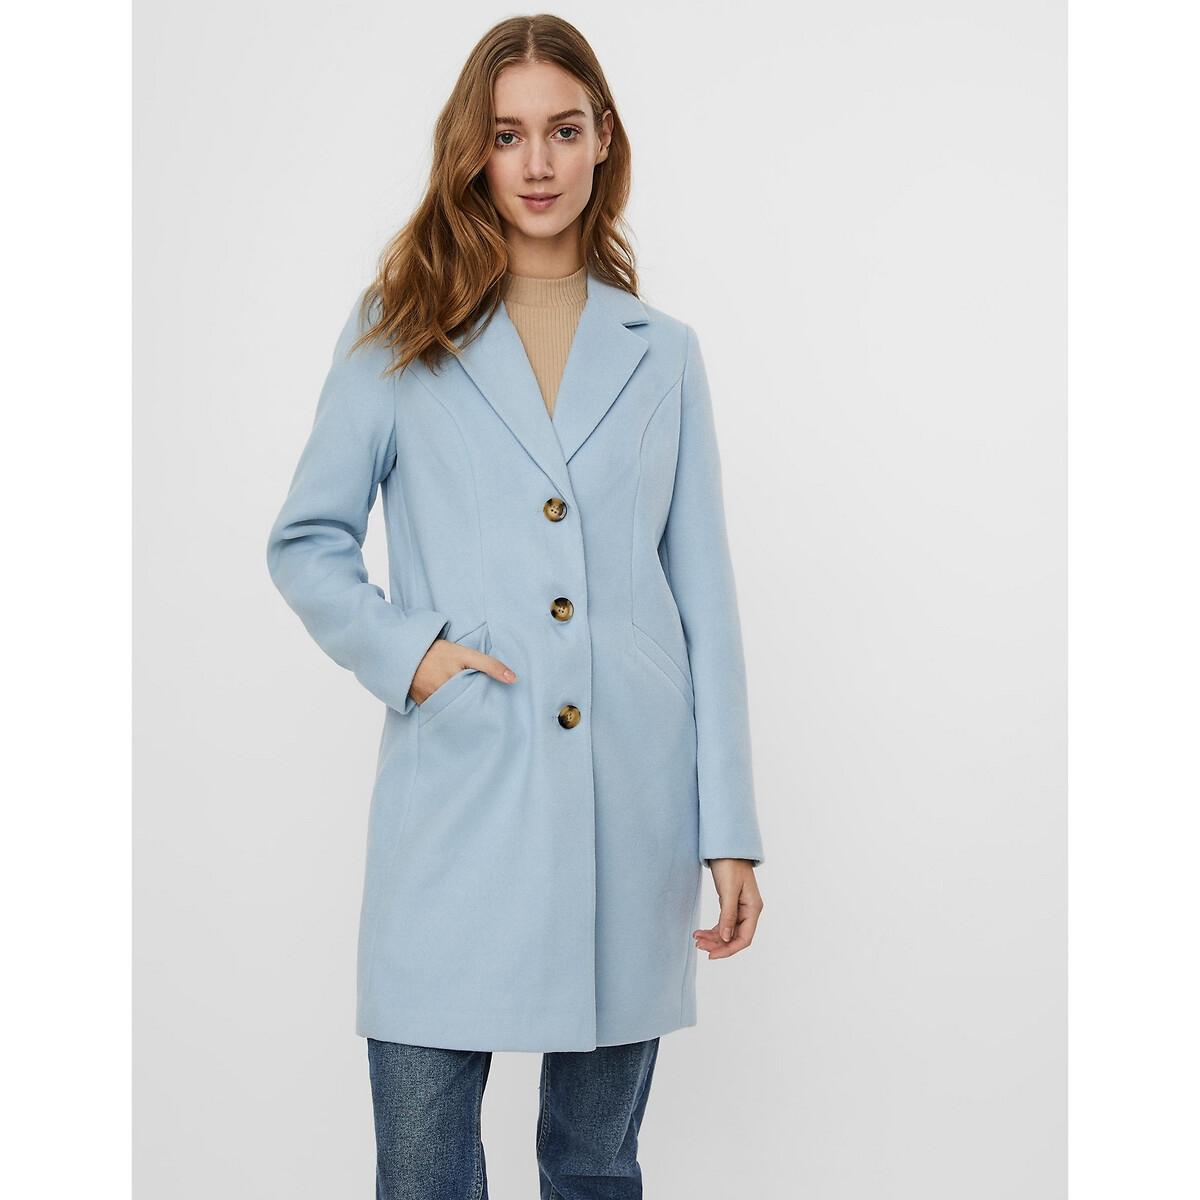 Пальто LaRedoute Прямое средней длины на пуговицах XS синий